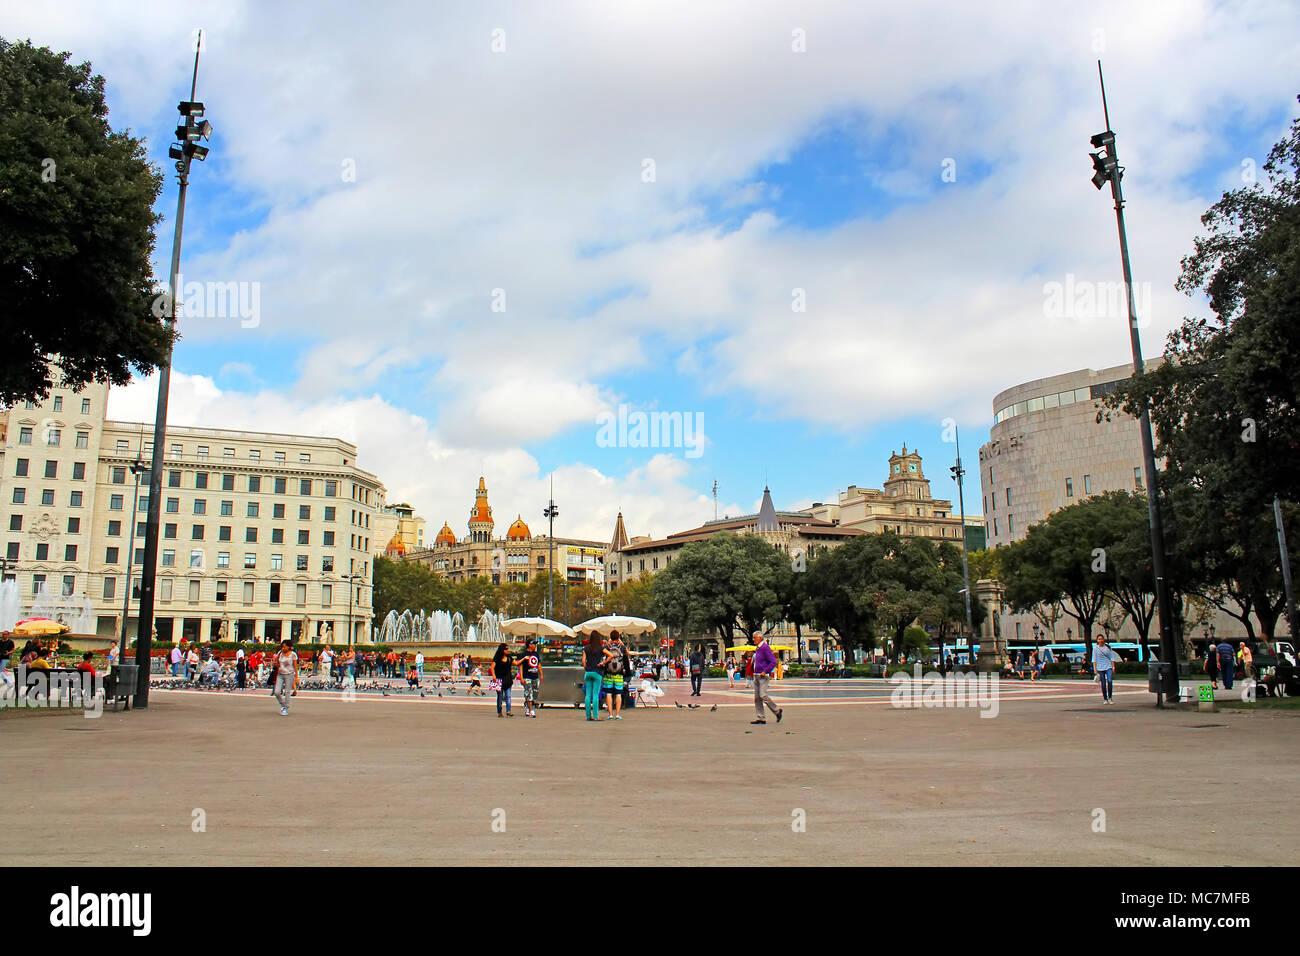 BARCELONA, SPAIN- OCTOBER 08: Catalonia Square on October 08, 2013 in Barcelona, Spain - Stock Image